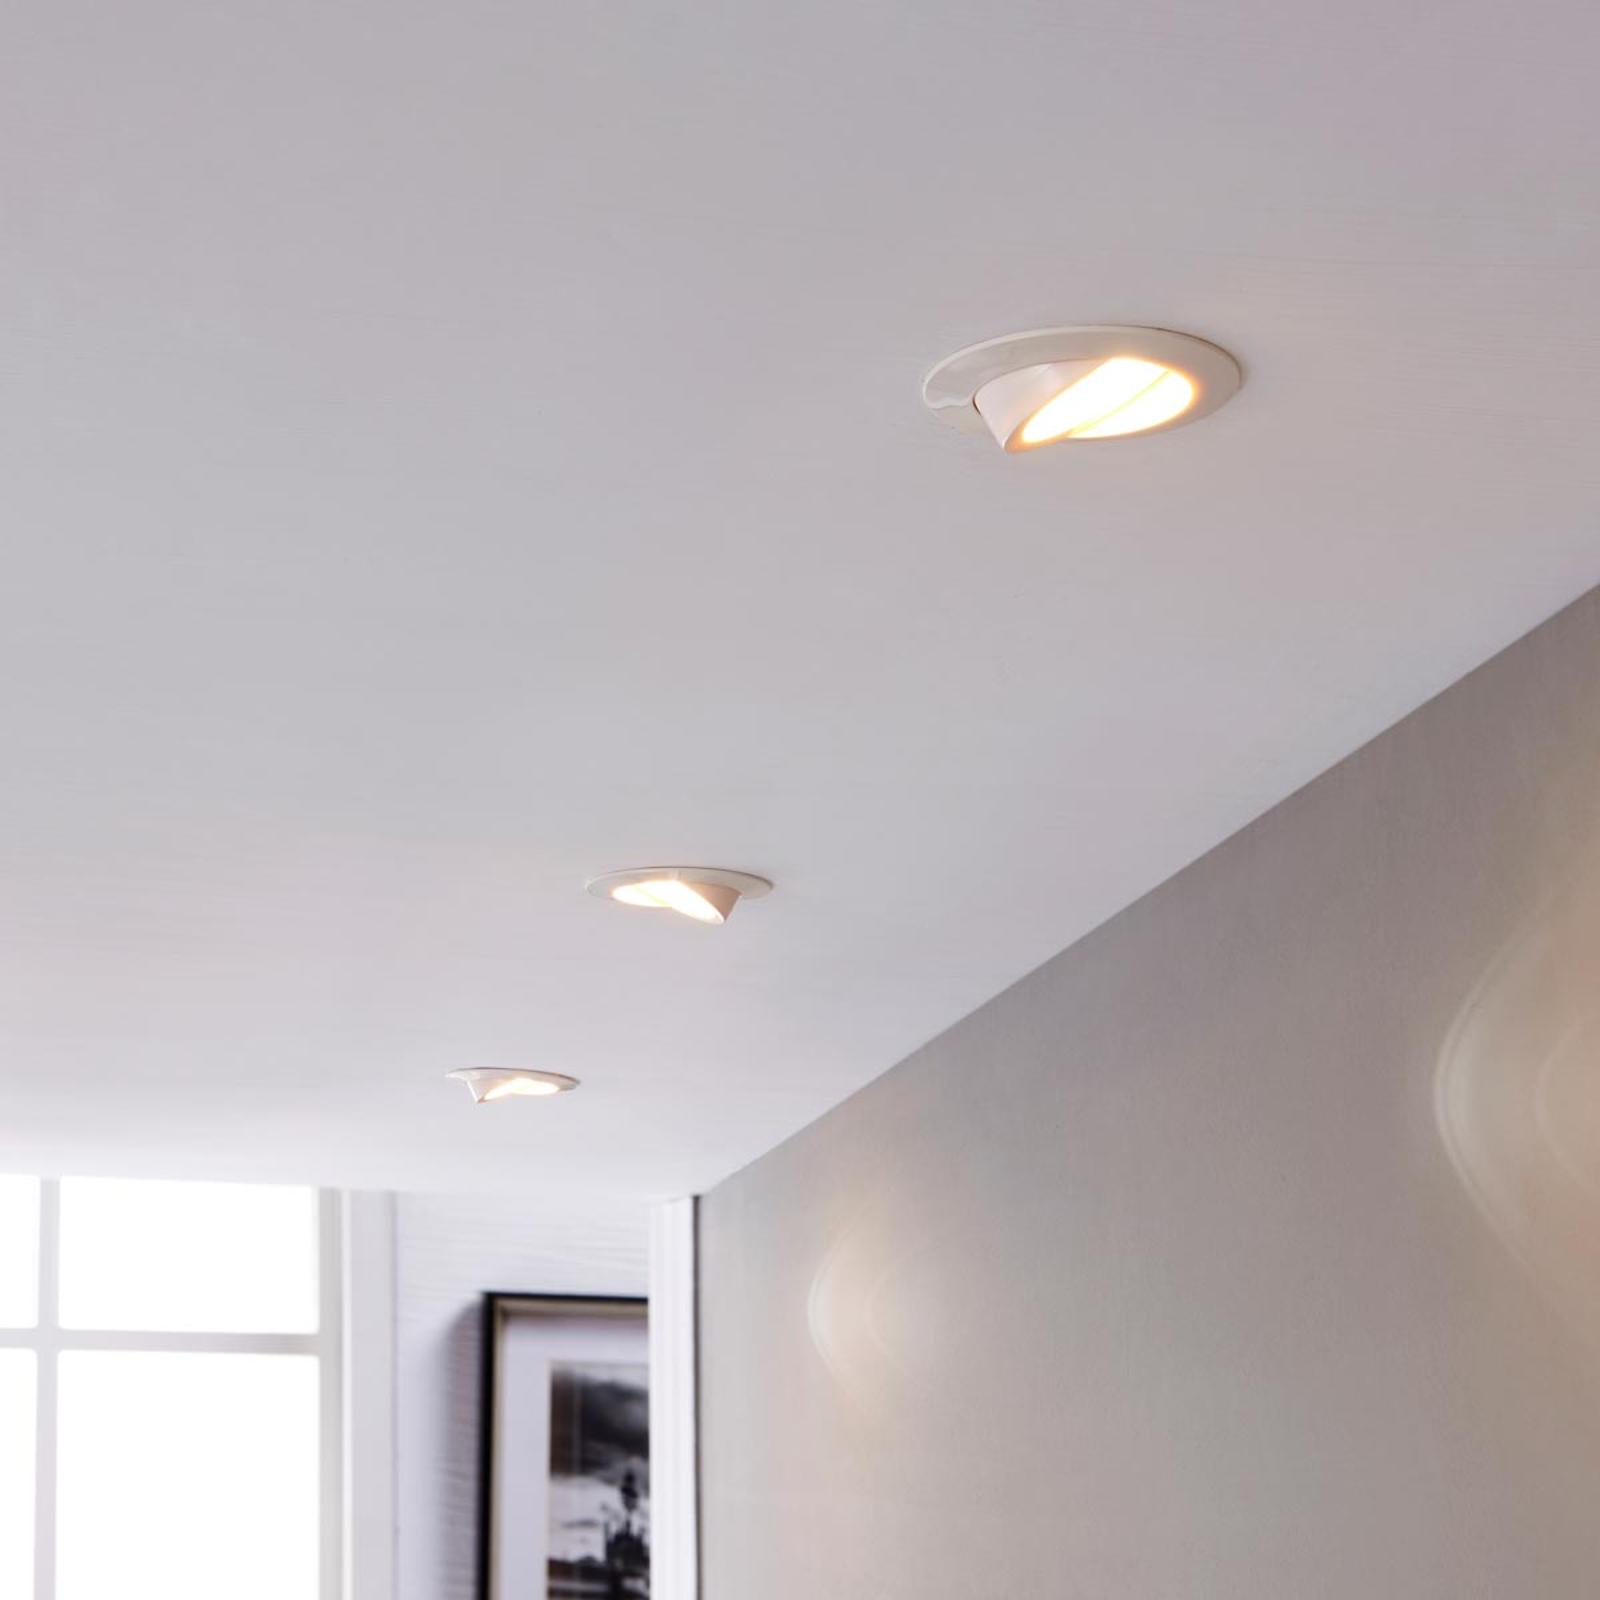 LED-Einbaustrahler Andrej, rund, weiß, 3er-Set